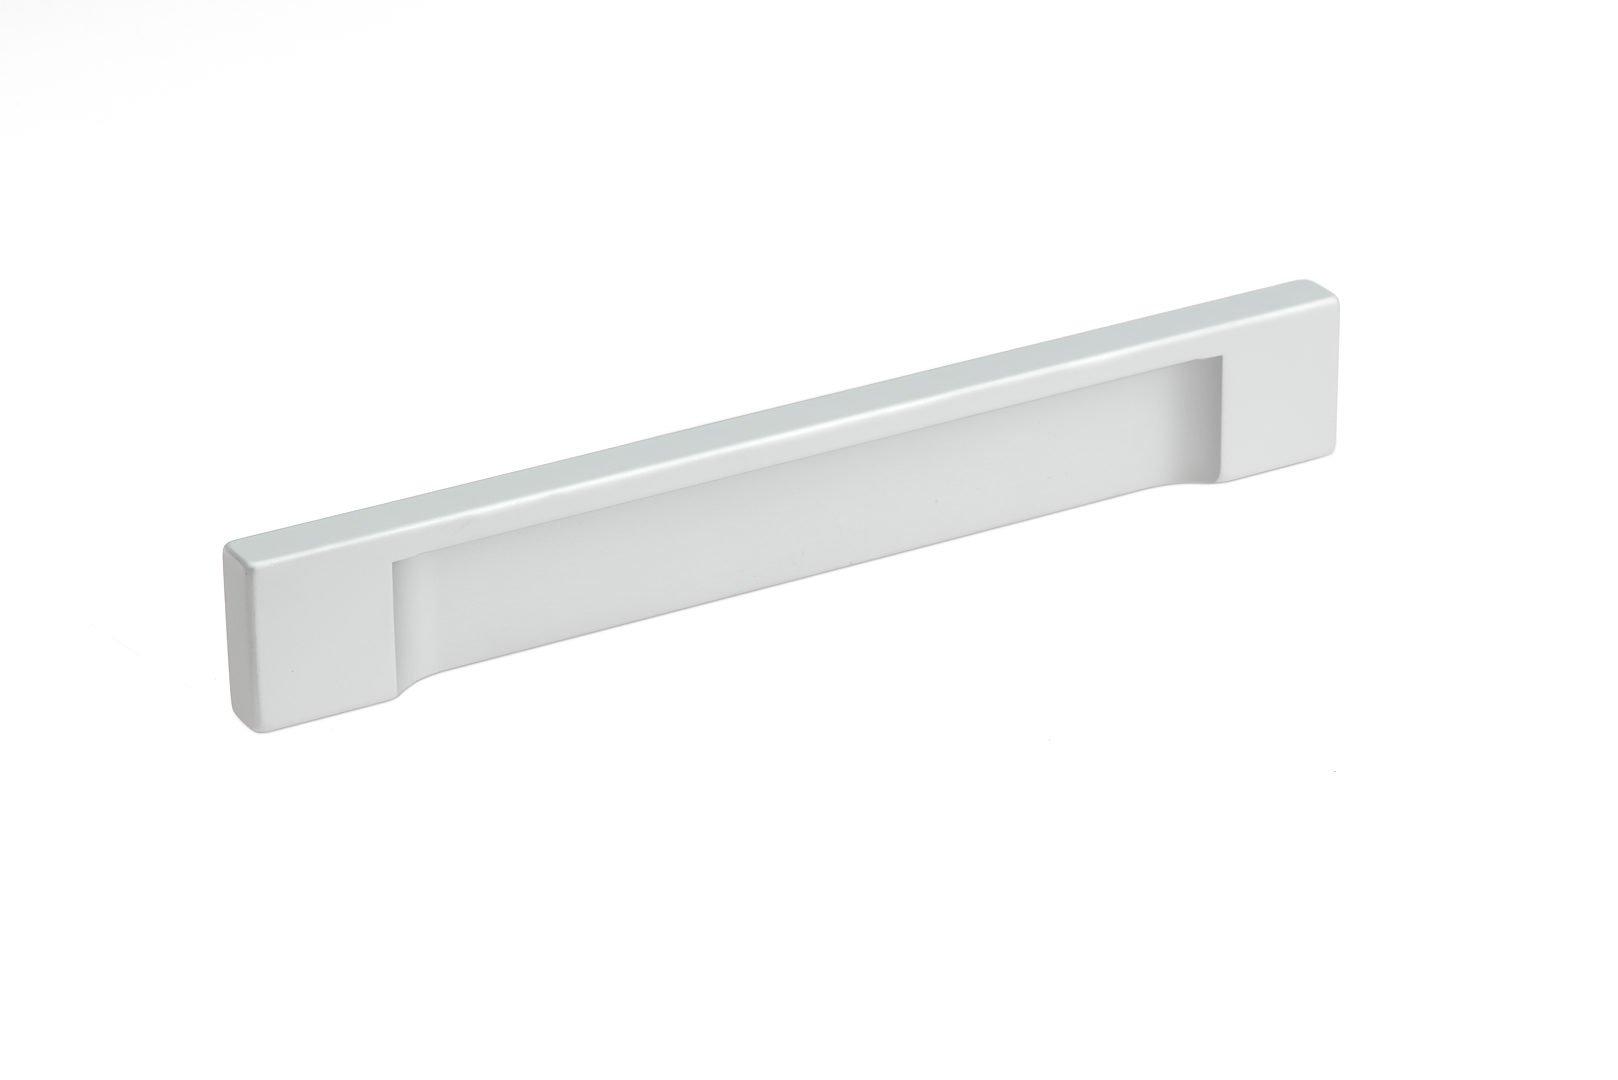 Richelieu Hardware - BP1310112810 - Contemporary Aluminum Pull - 1310-5 1/32 in (128 mm) - Aluminum Finish